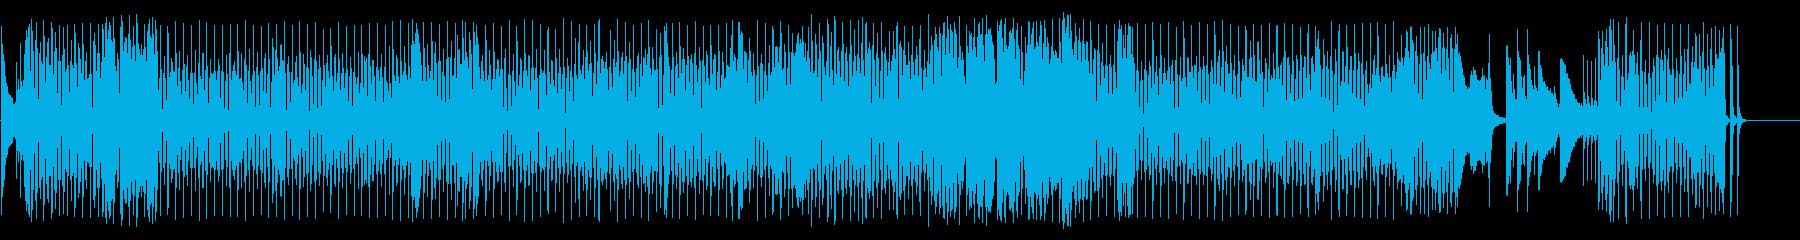 R&Bインストルメンタル。ブルージ...の再生済みの波形